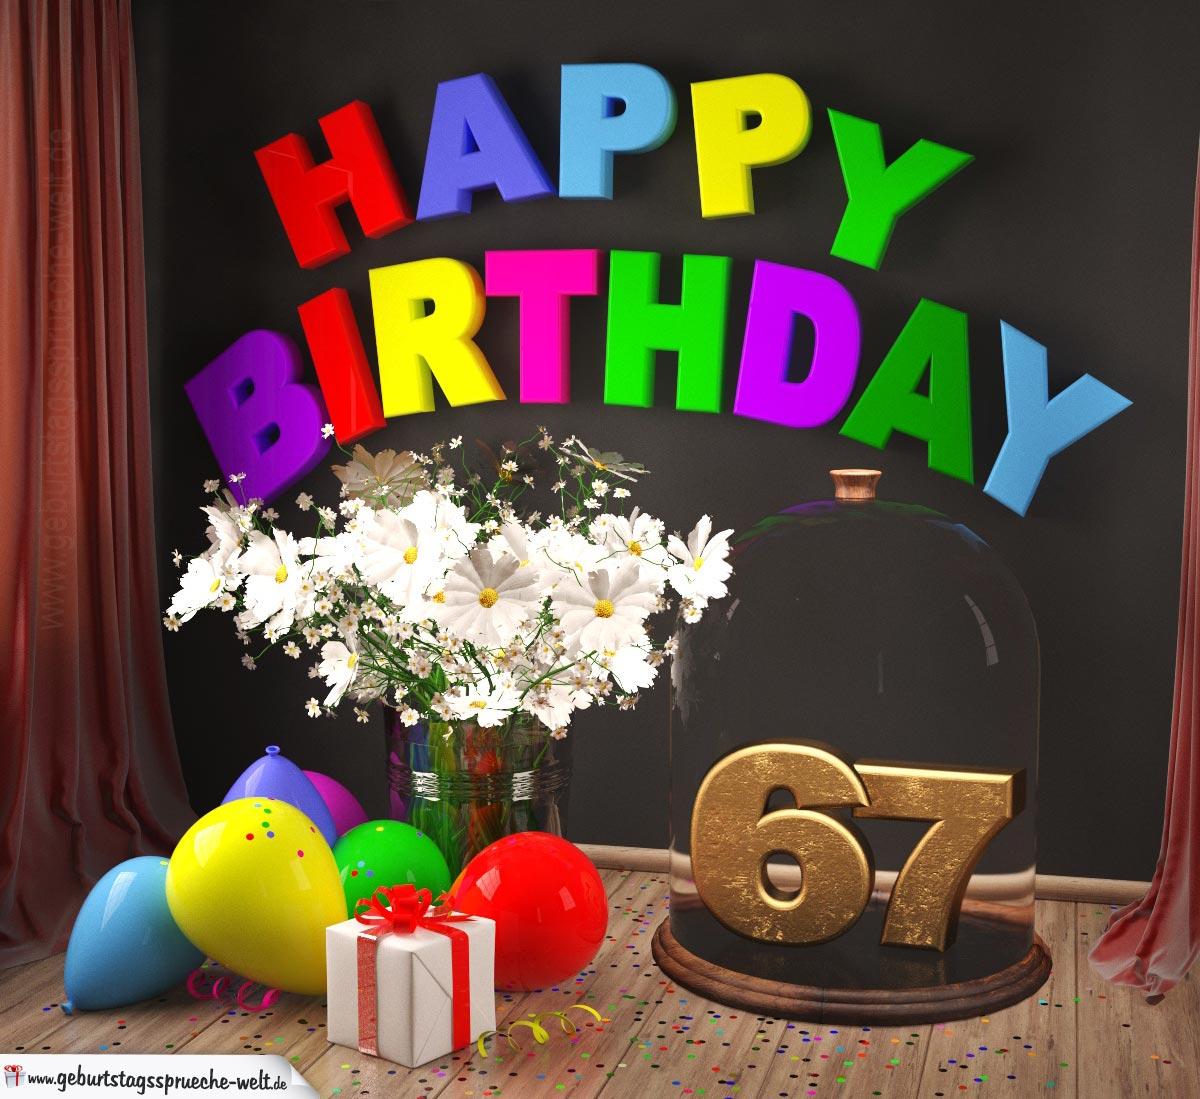 Happy Birthday 67 Jahre Glückwunschkarte mit Margeriten-Blumenstrauß, Luftballons und Geschenk unter Glasglocke